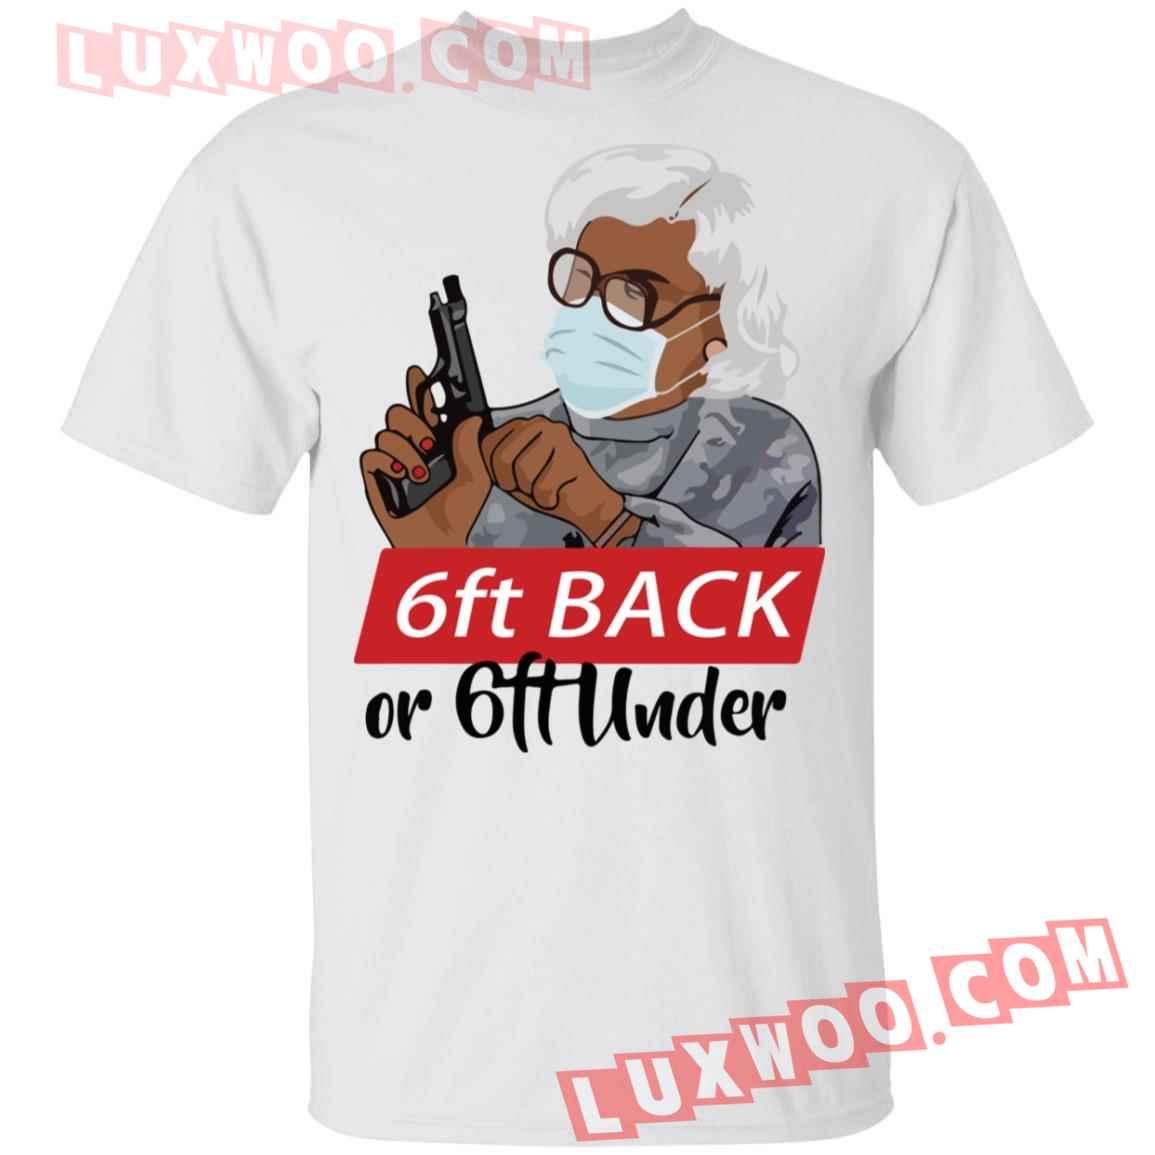 6 Feet Back Or 6 Feet Under Madea Shirt